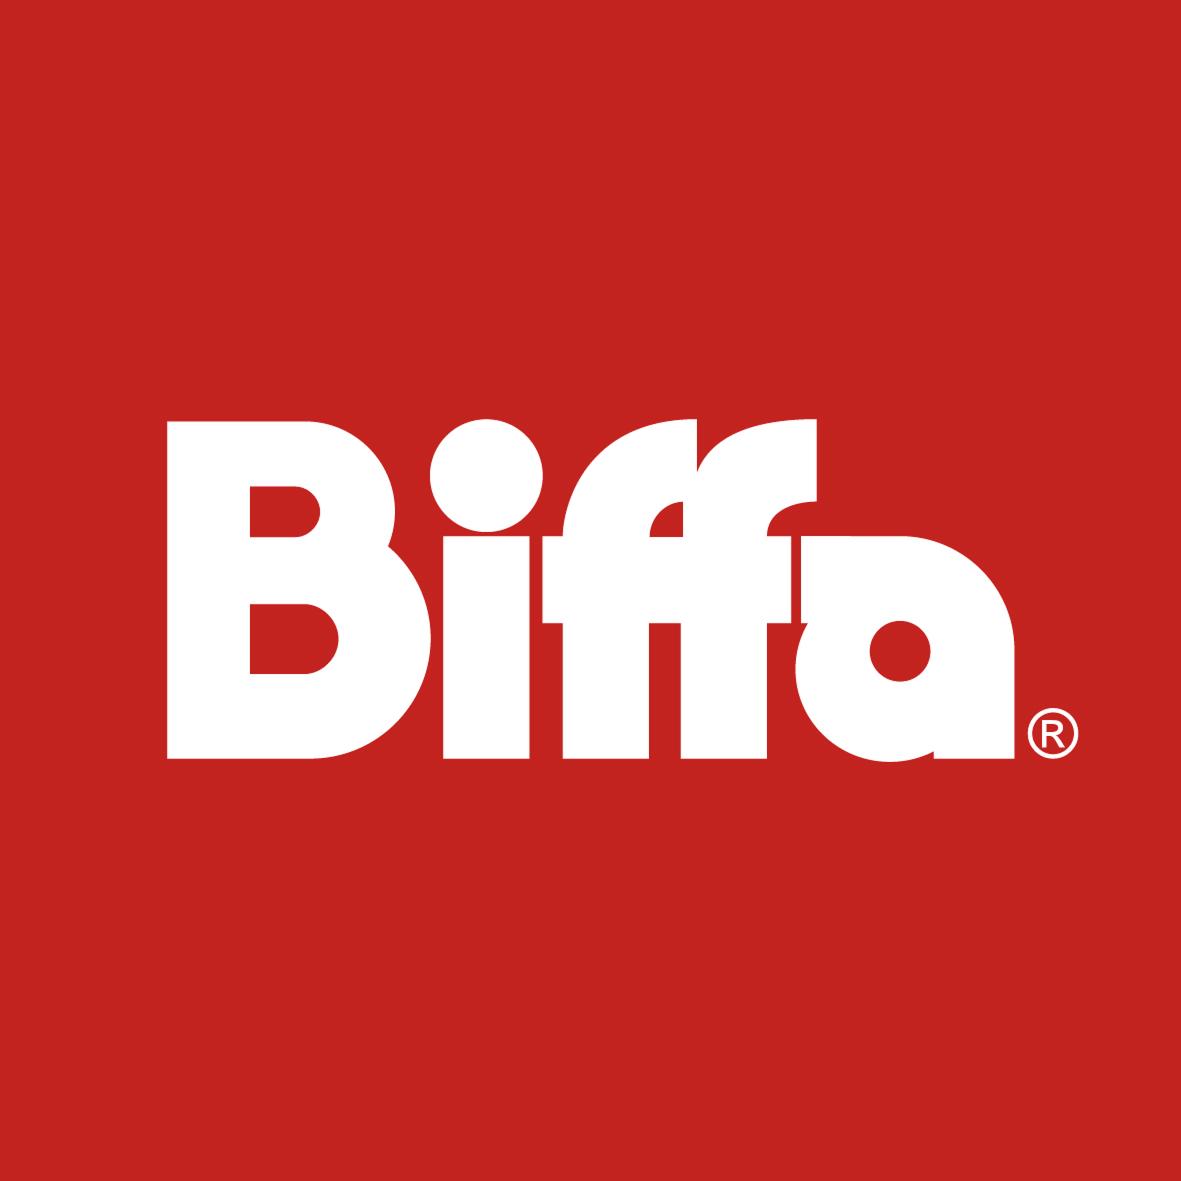 Biffa plc